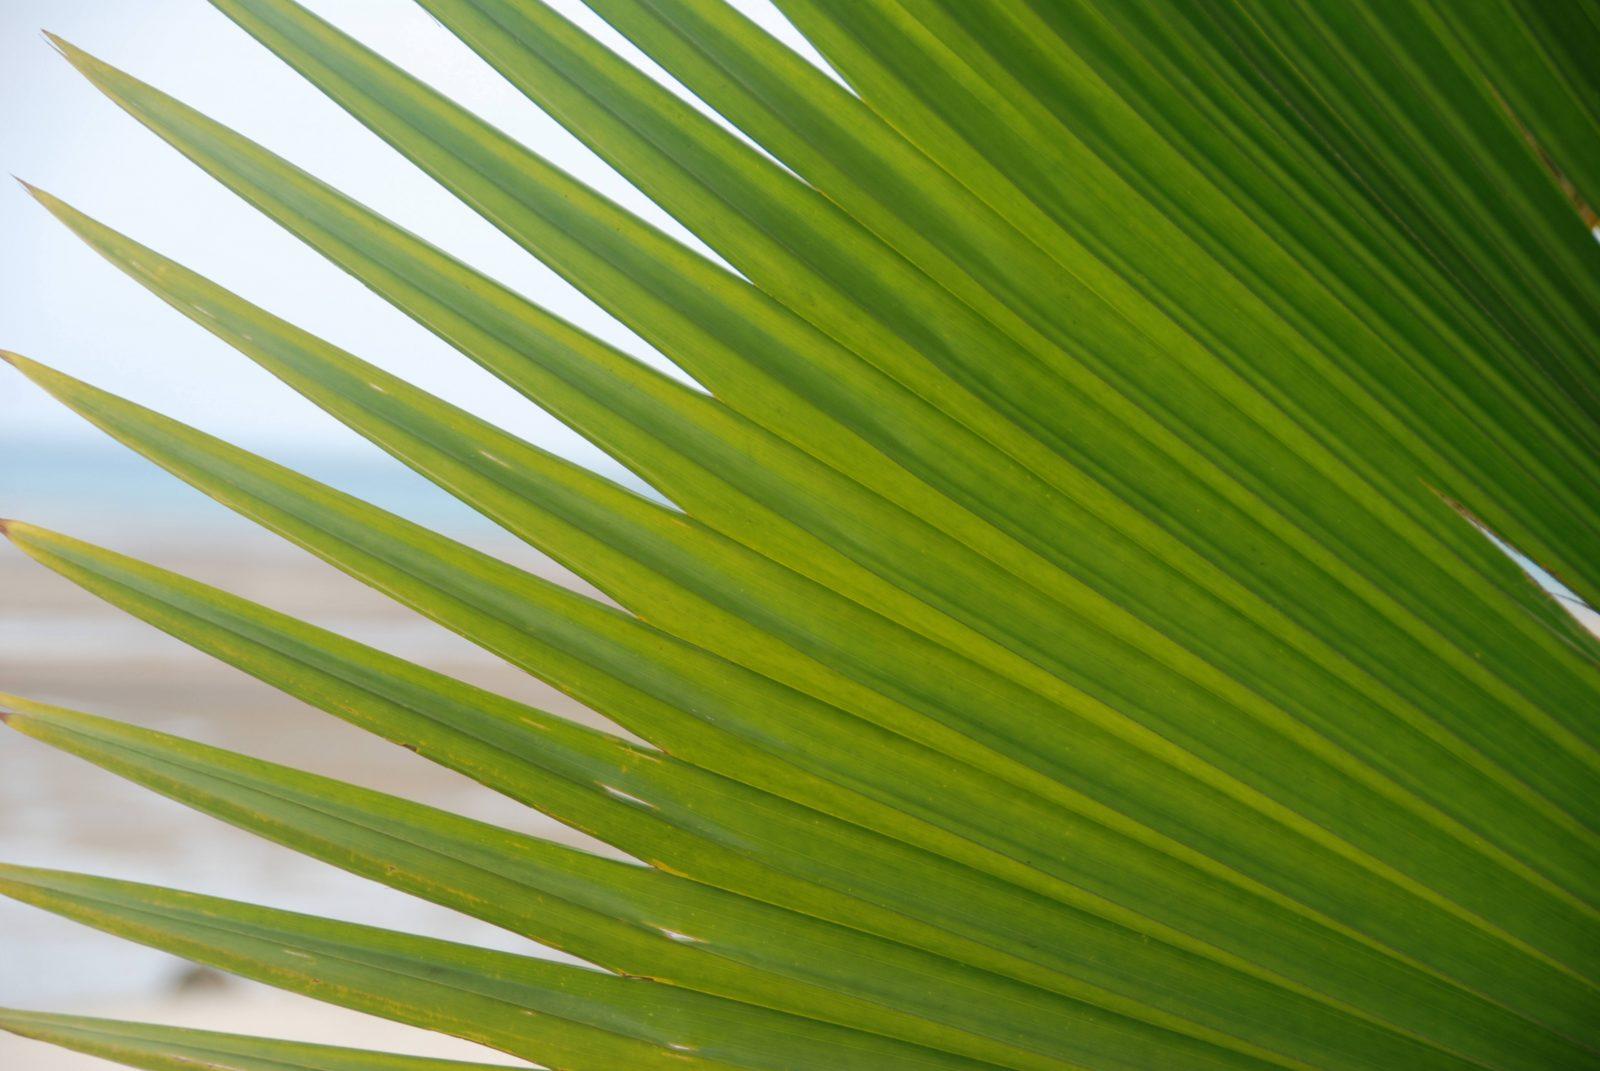 Bounty Island Palm Tree Leaf Close-Up